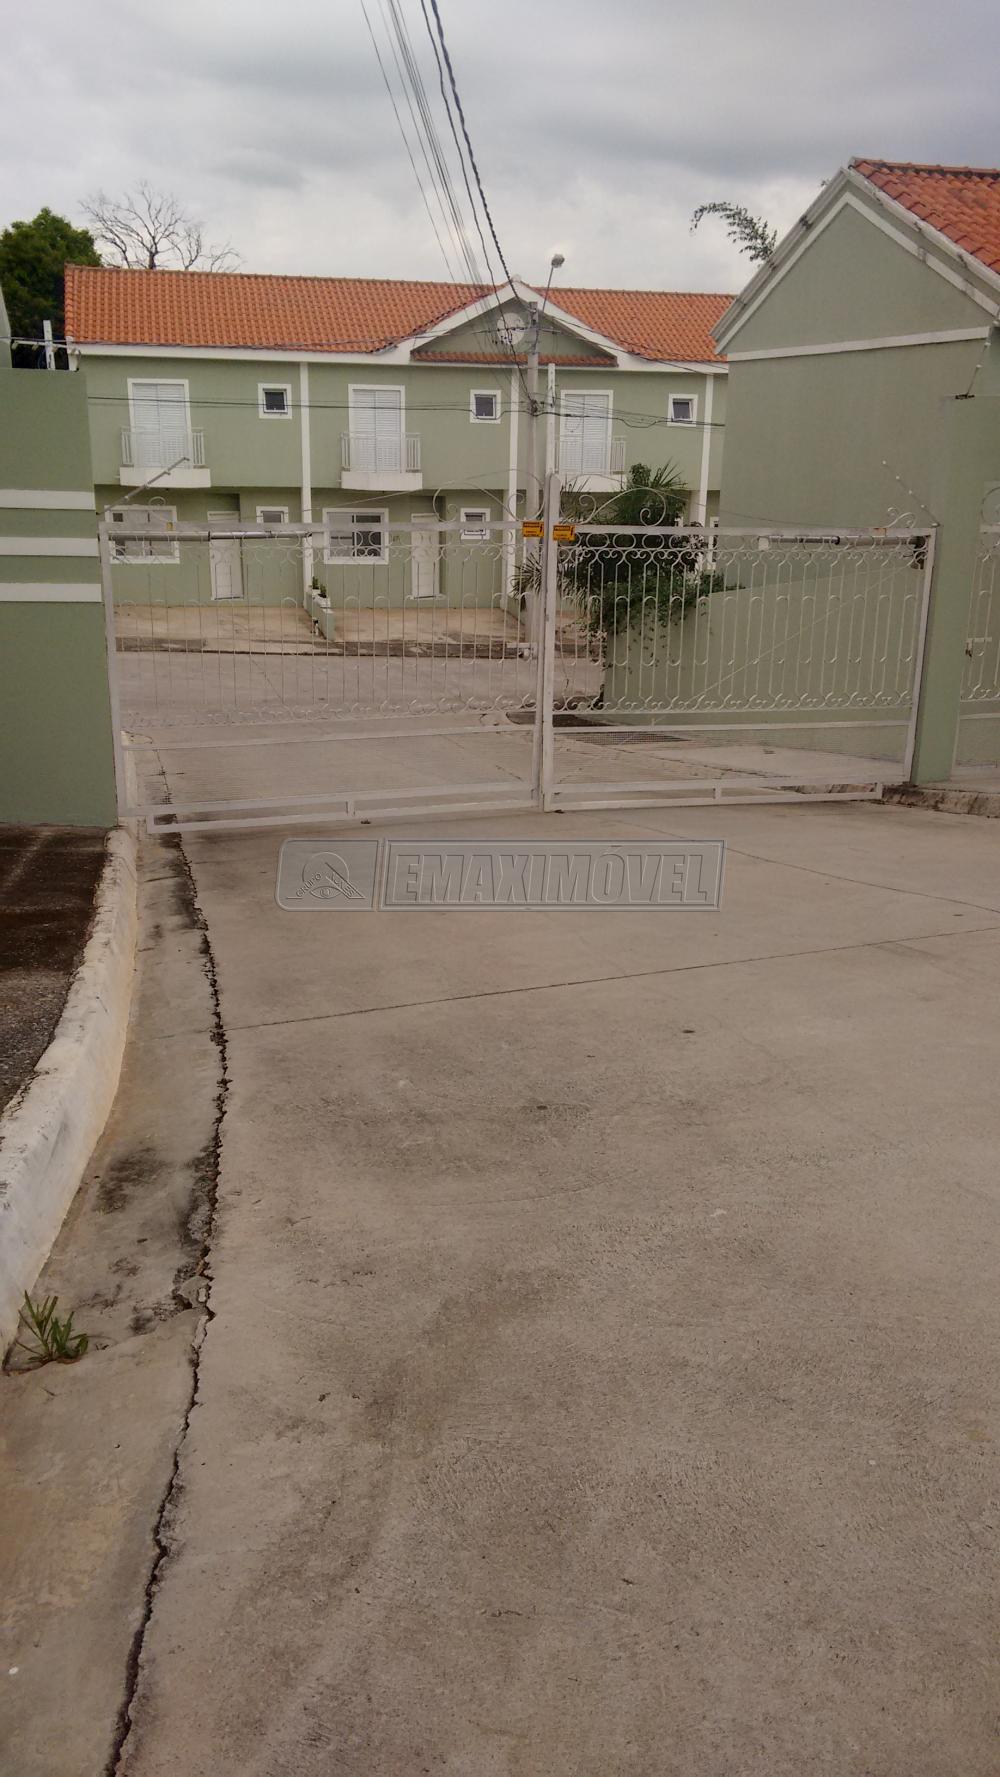 Comprar Casa / em Condomínios em Sorocaba R$ 329.000,00 - Foto 1